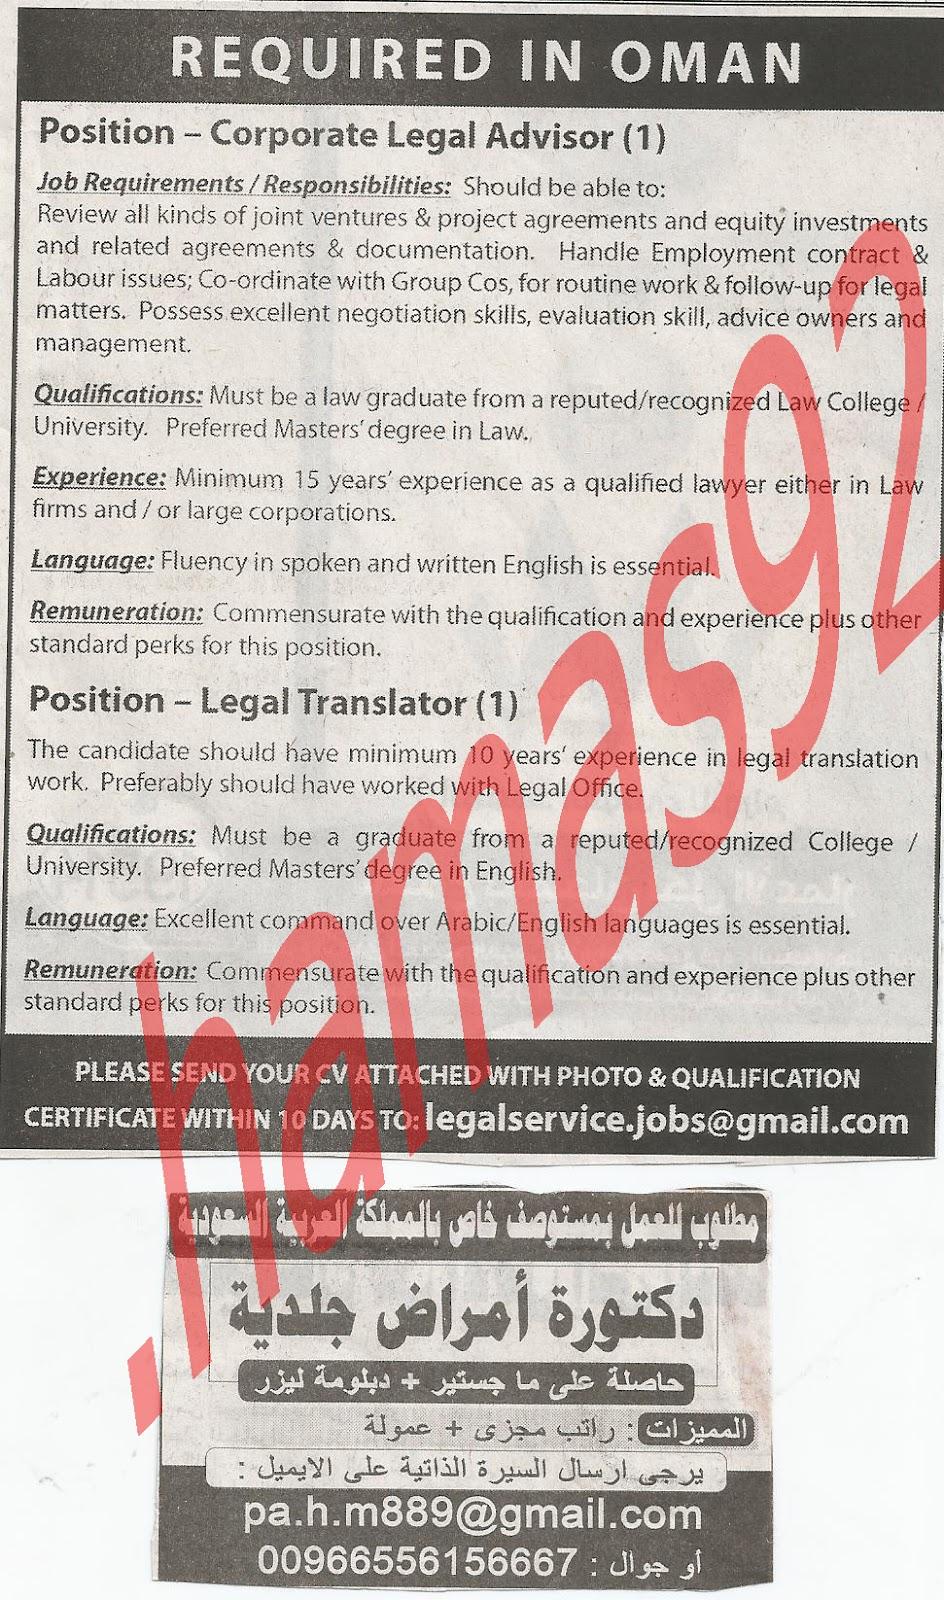 وظائف جريدة الاهرام الجمعة 20/7/2012 - الاعلانات كاملة 10